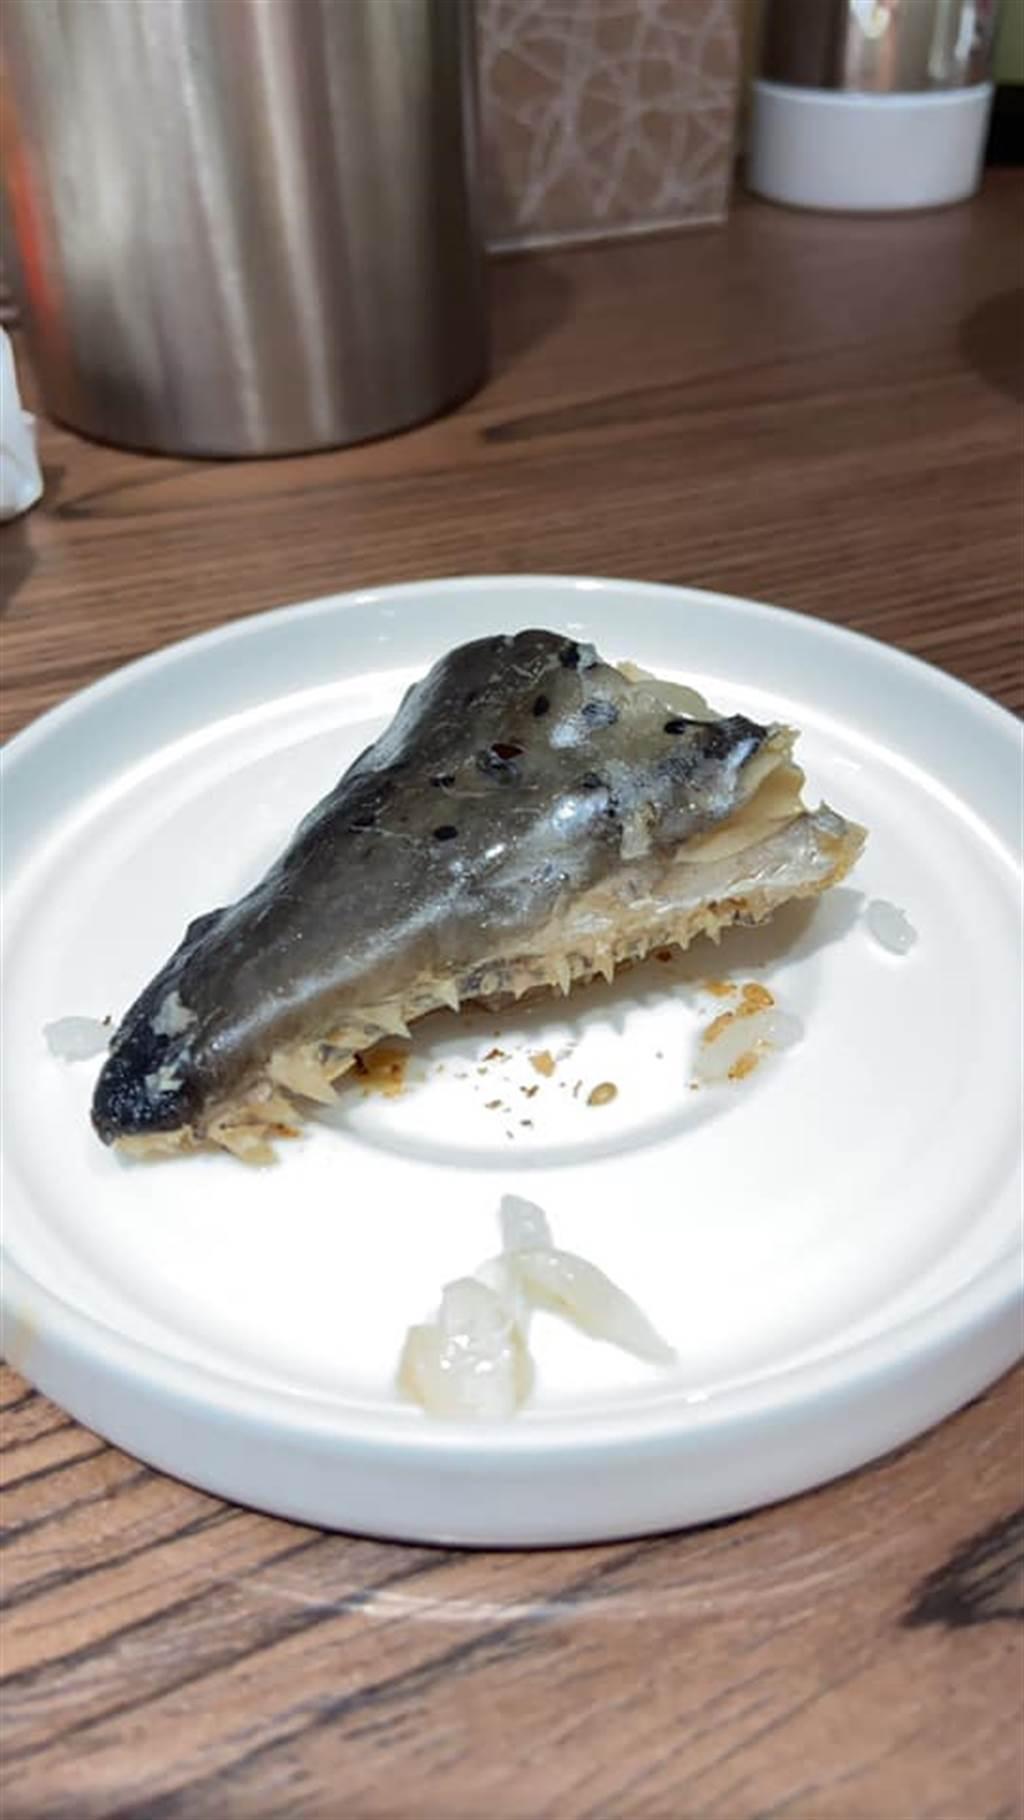 原PO在「爆怨公社」上表示,老婆月子餐出現一塊恐怖的魚肉,不但老婆看了不敢吃,連撿菜尾的他一看都整個沒胃口。(摘自爆怨公社)